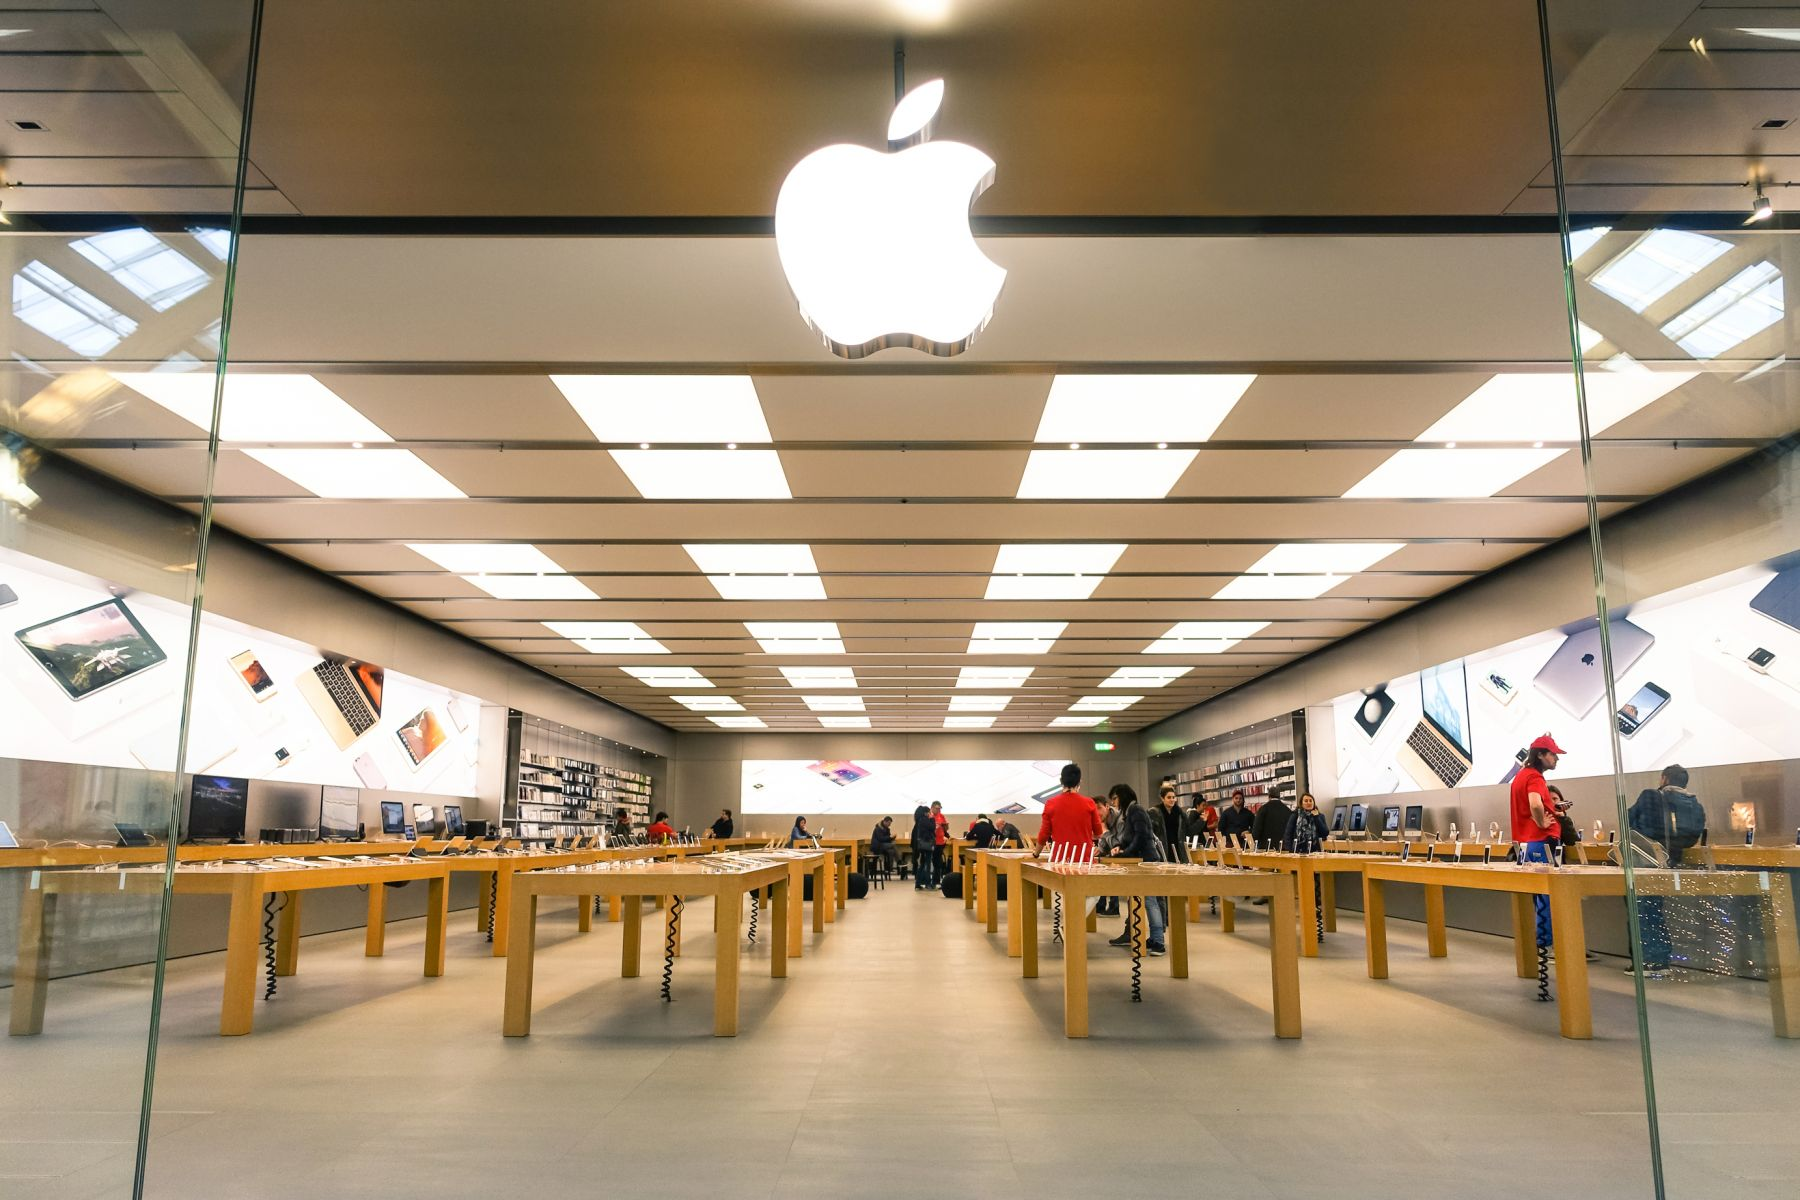 〈蘋果新機發表〉除了iPhone還有什麼?一文掌握所有重點商品